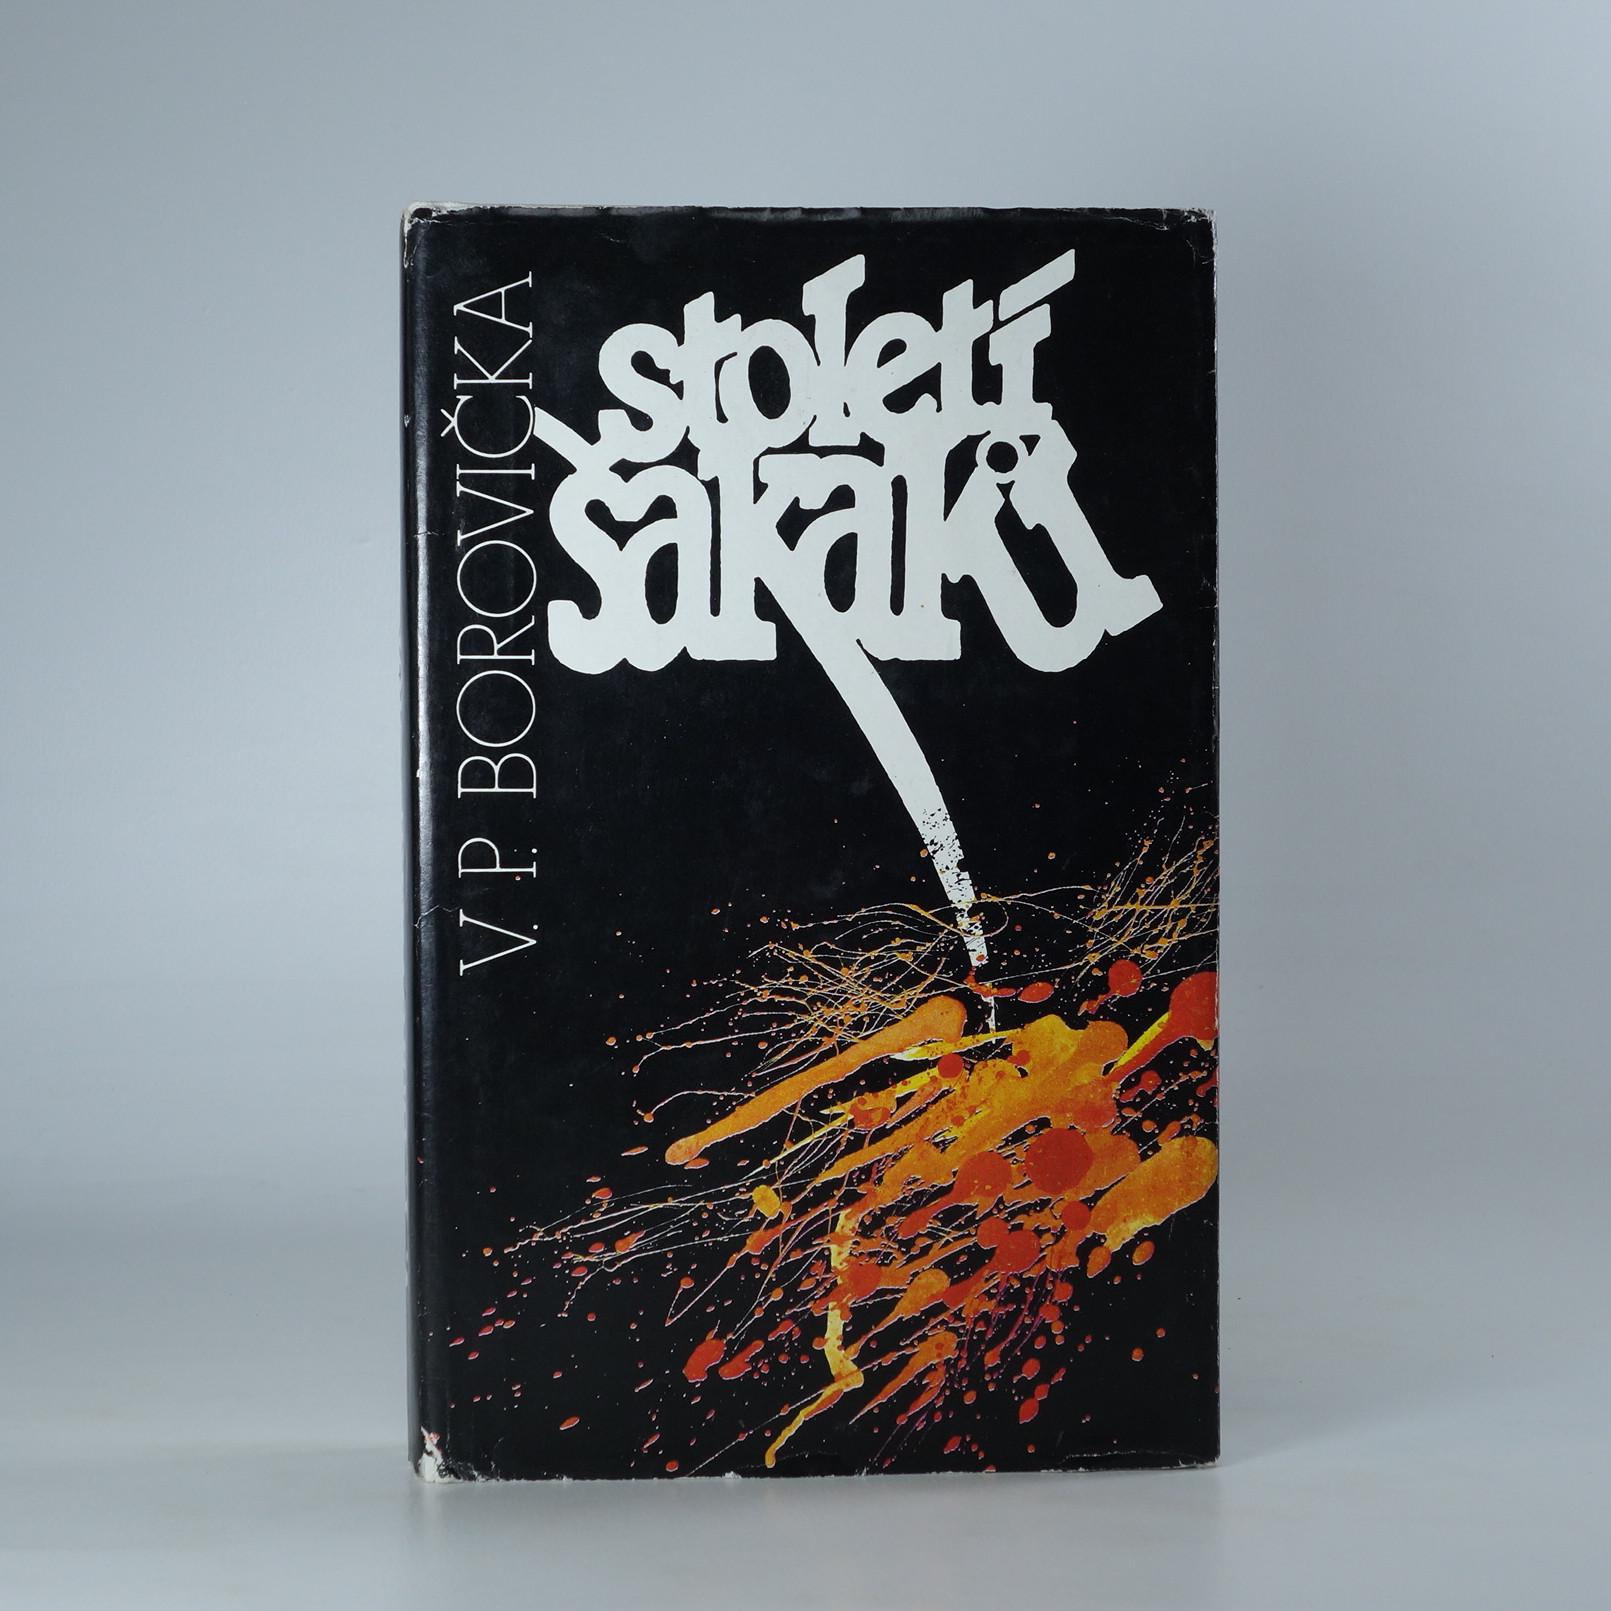 antikvární kniha Století šakalů, 1987